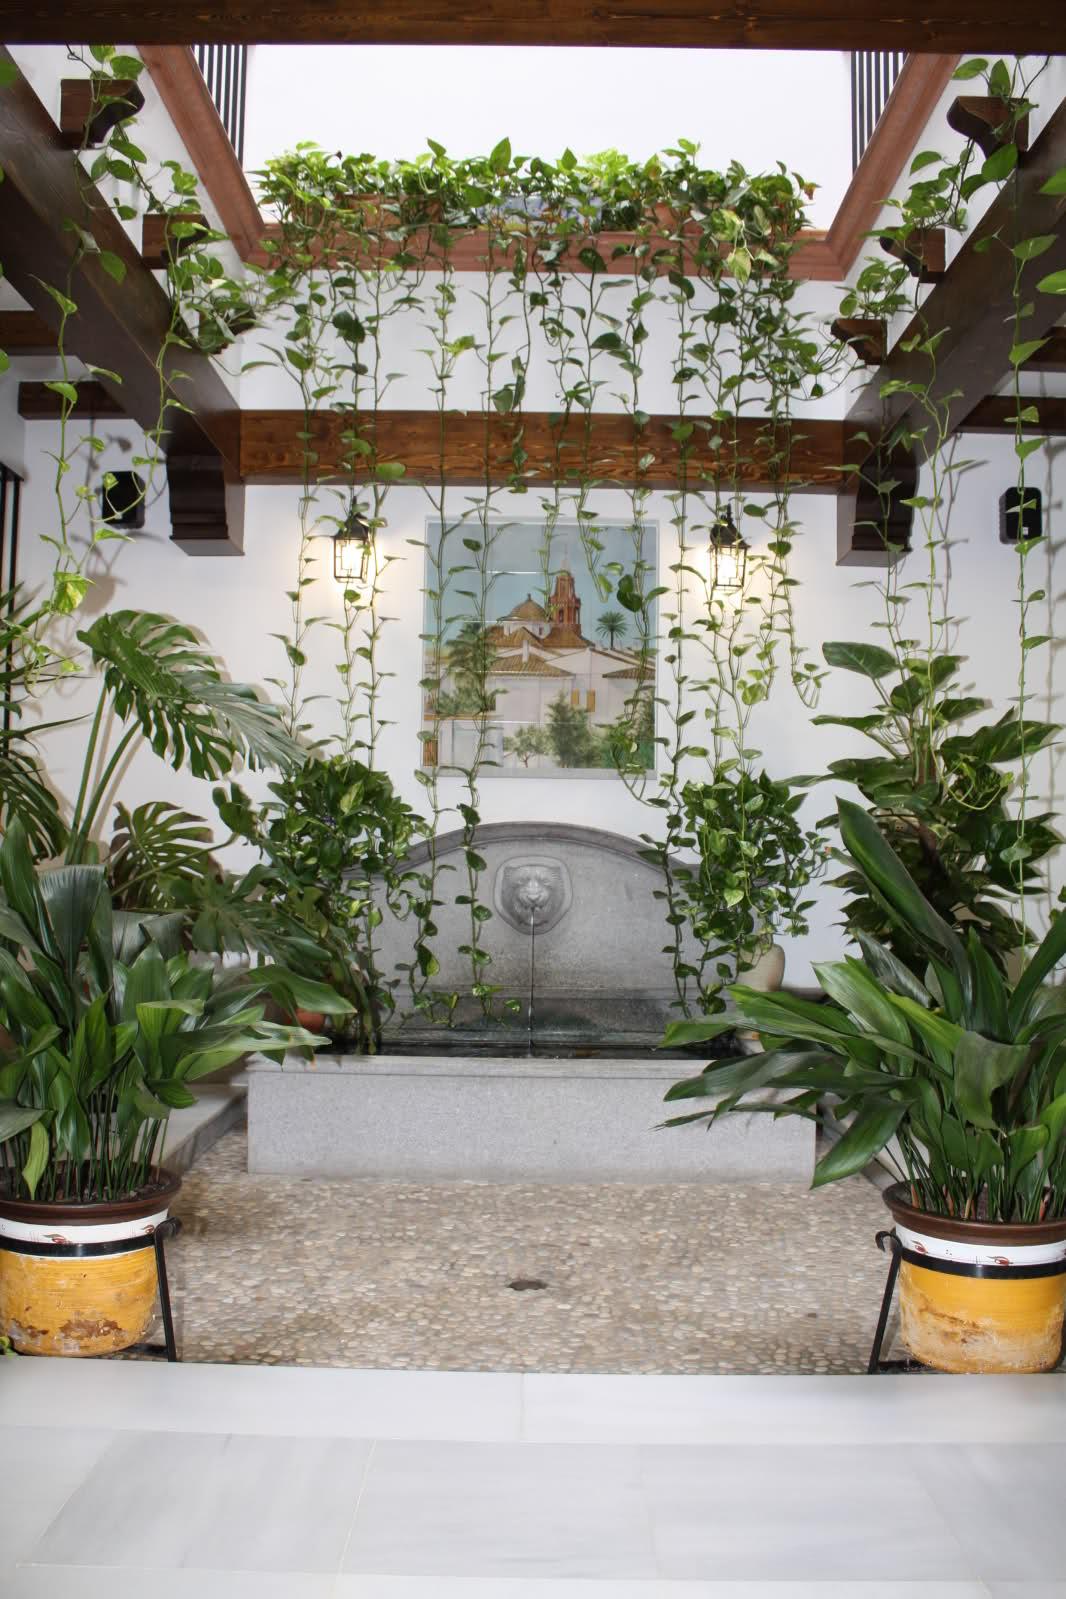 Iluminaci n para plantas en un patio techado qu luz - Iluminacion para plantas ...